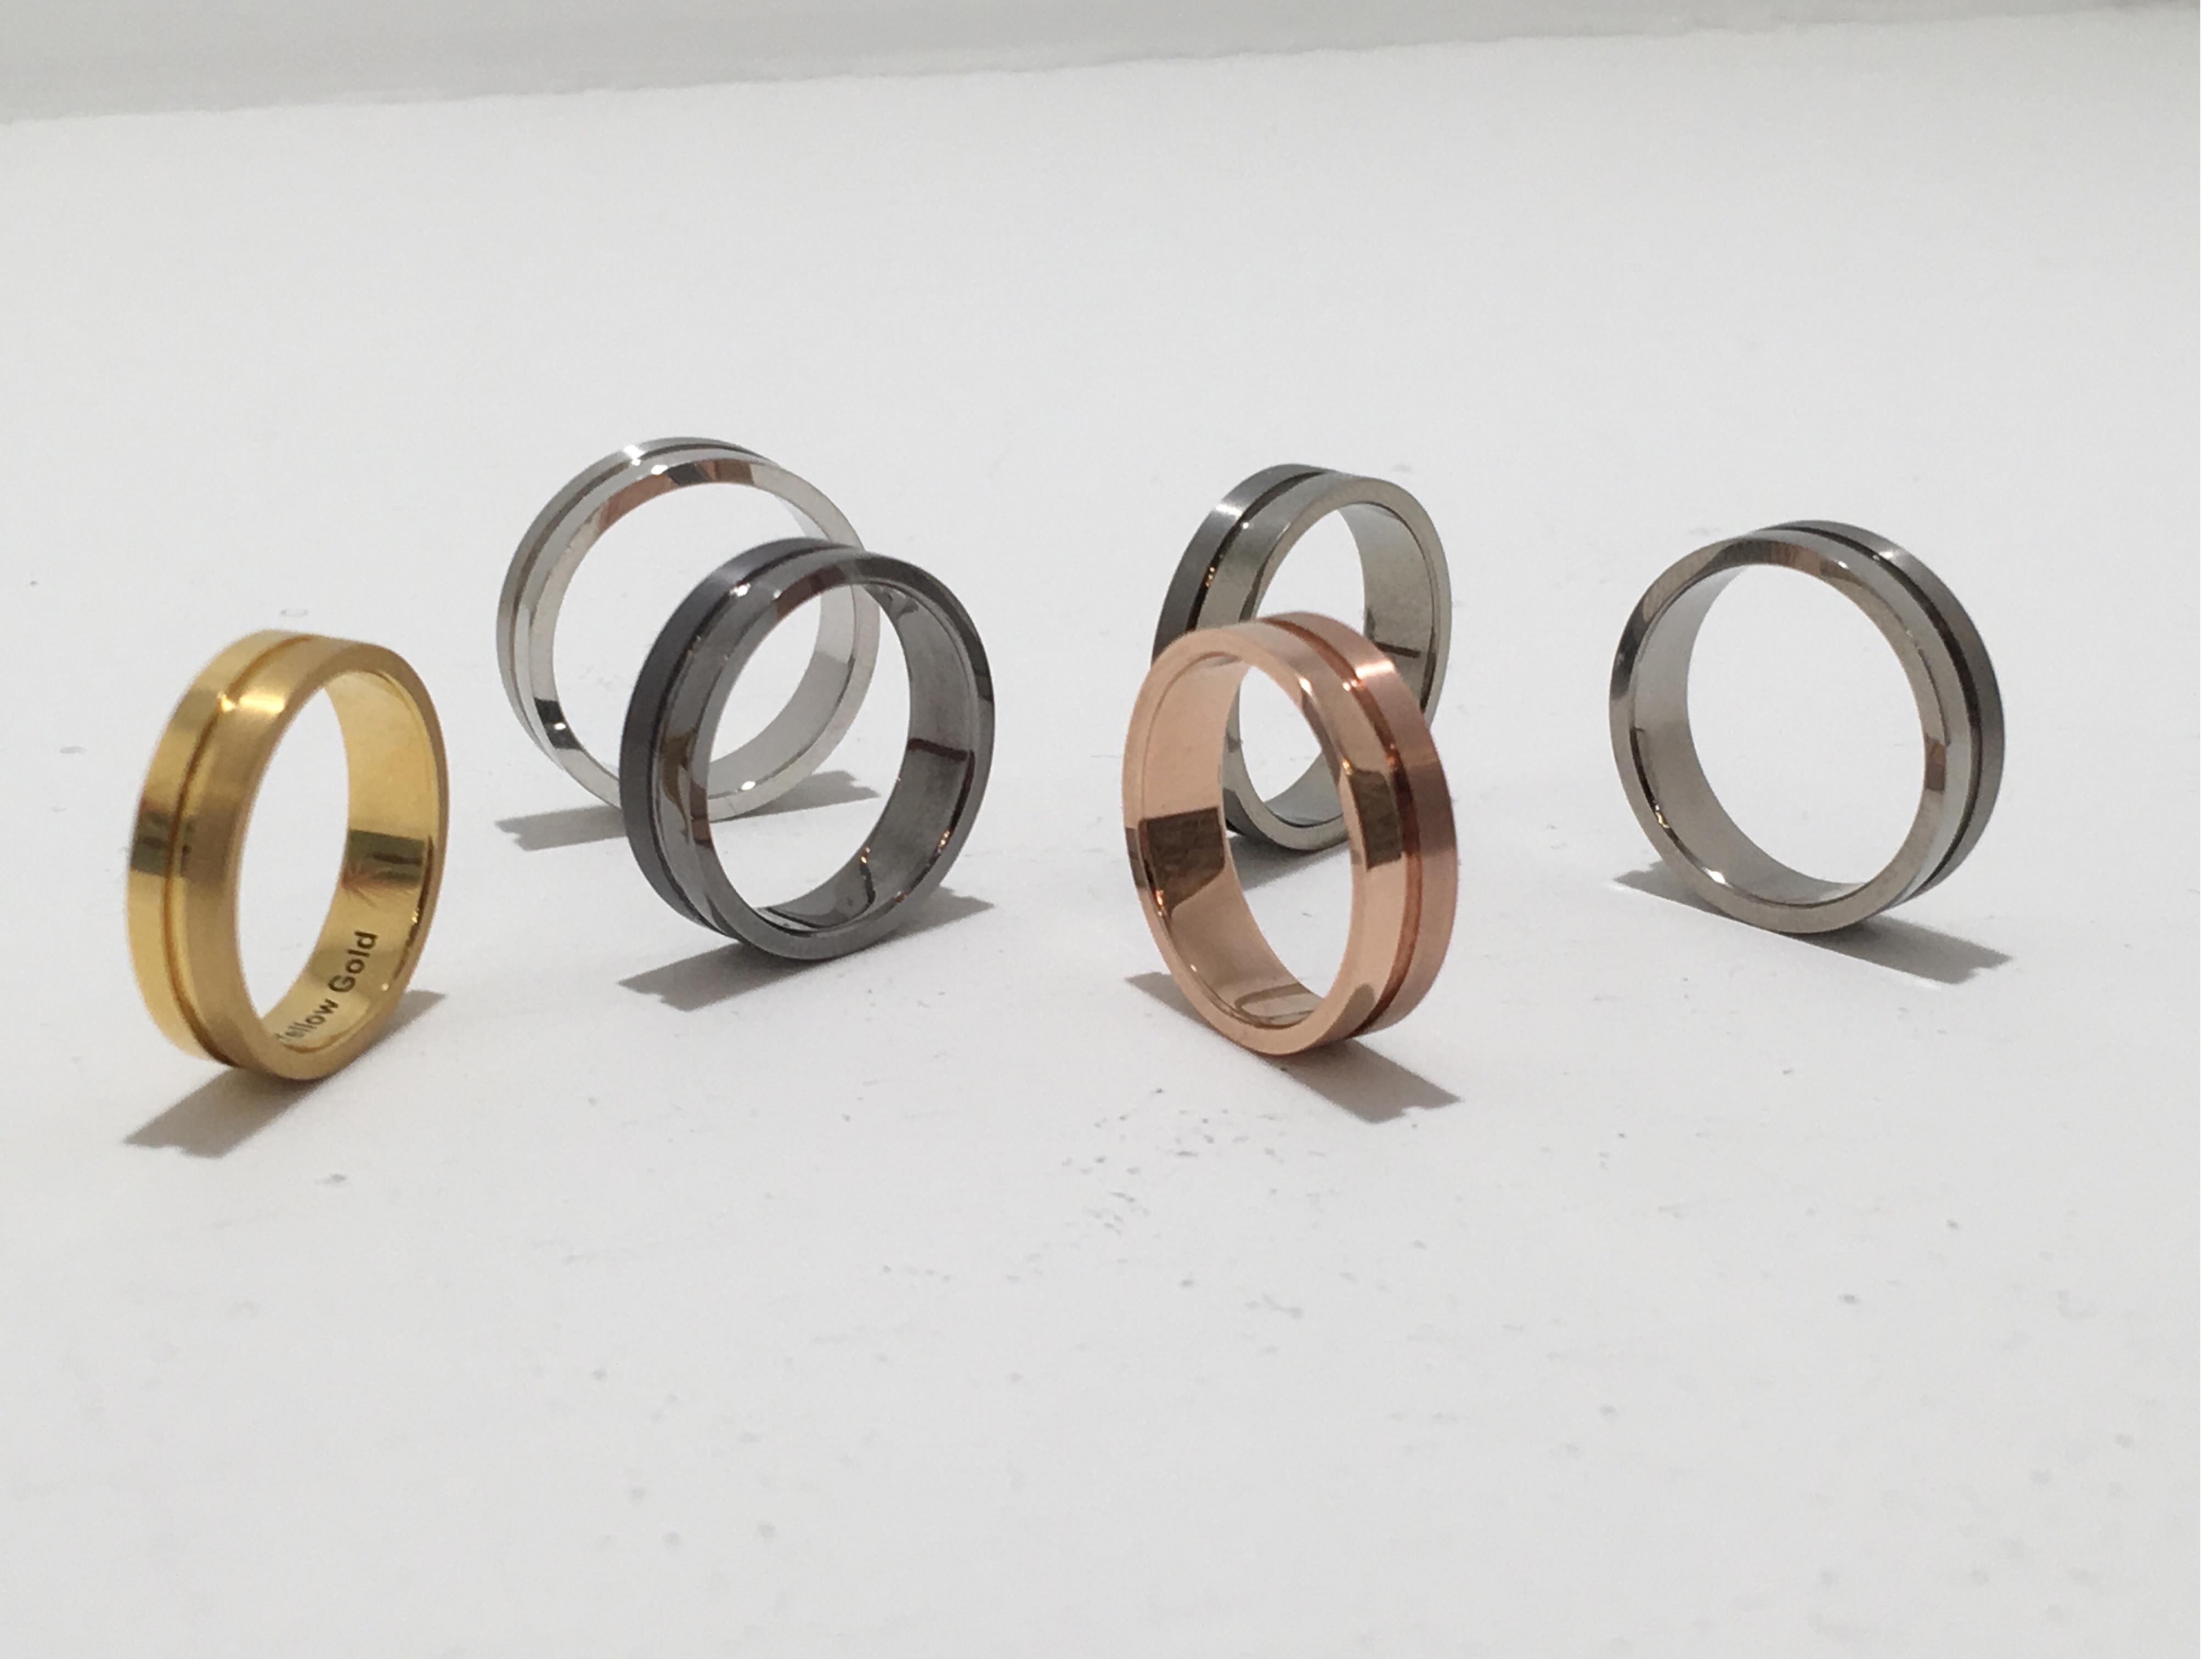 【結婚指輪】素材選びからはじめる二人らしさ。5種類を徹底比較